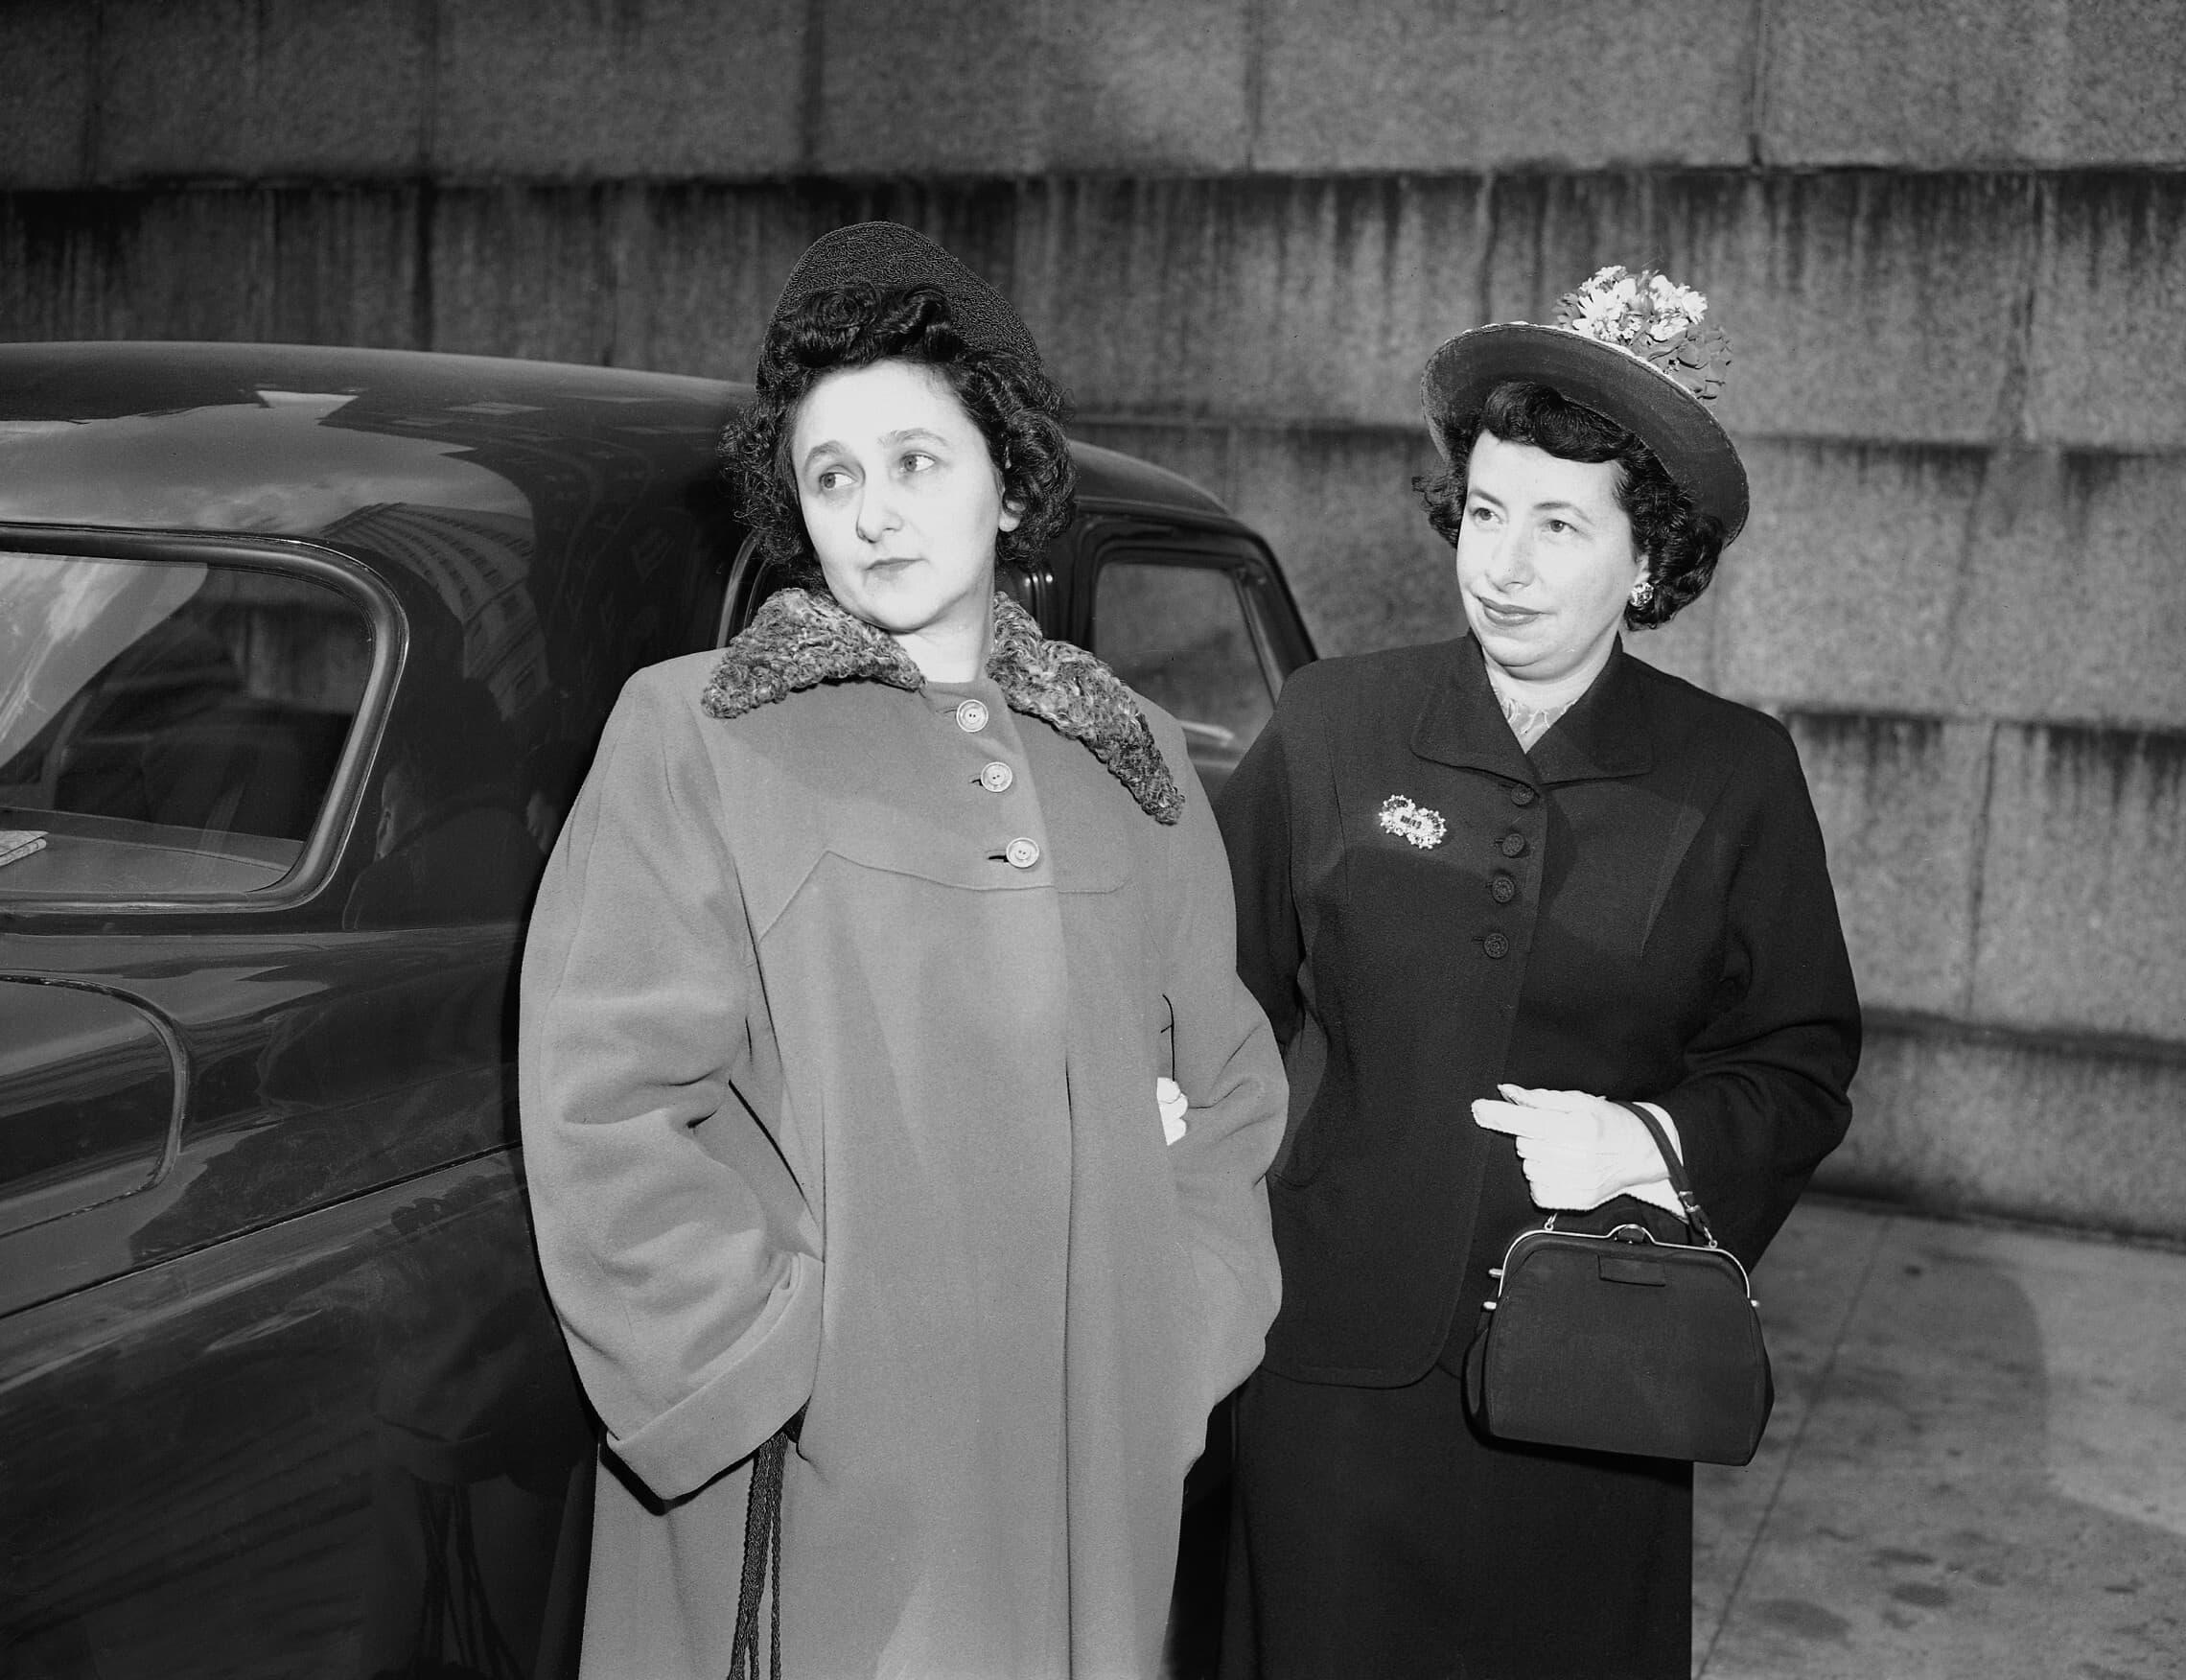 אתל רוזנברג, משמאל, מלווה על ידי סגן מרשאל ליליאן מקלכלין, בהגיעה לבית המשפט הפדרלי בניו יורק, 5 באפריל 1951 (צילום: AP Photo)